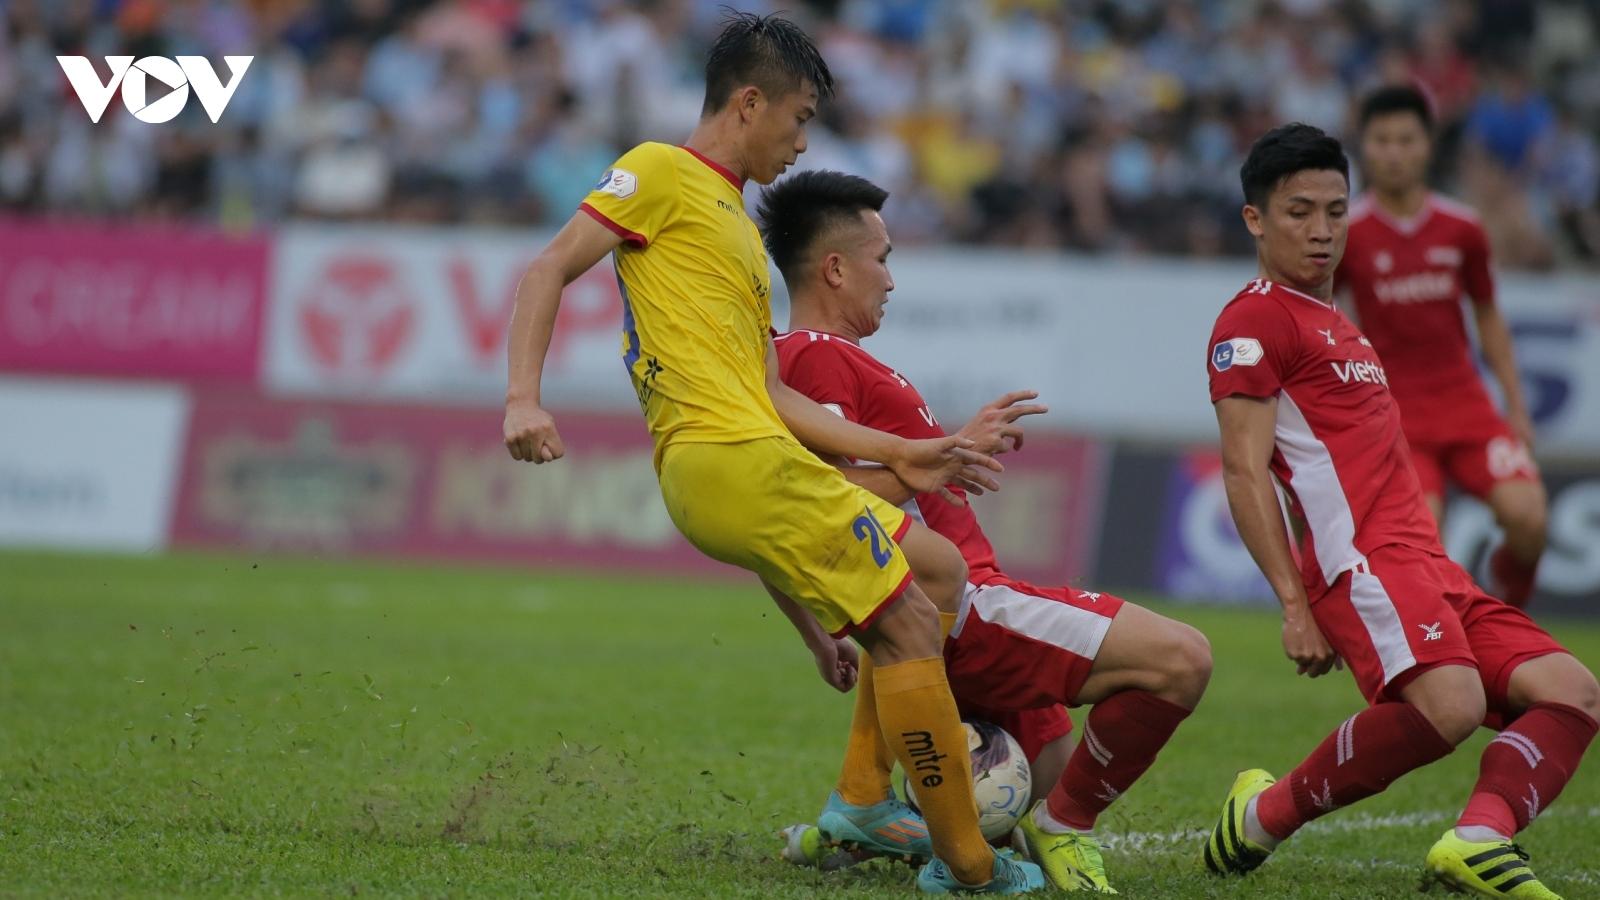 Lịch thi đấu bóng đá hôm nay 17/4: Nóng bỏng derby xứ Nghệ